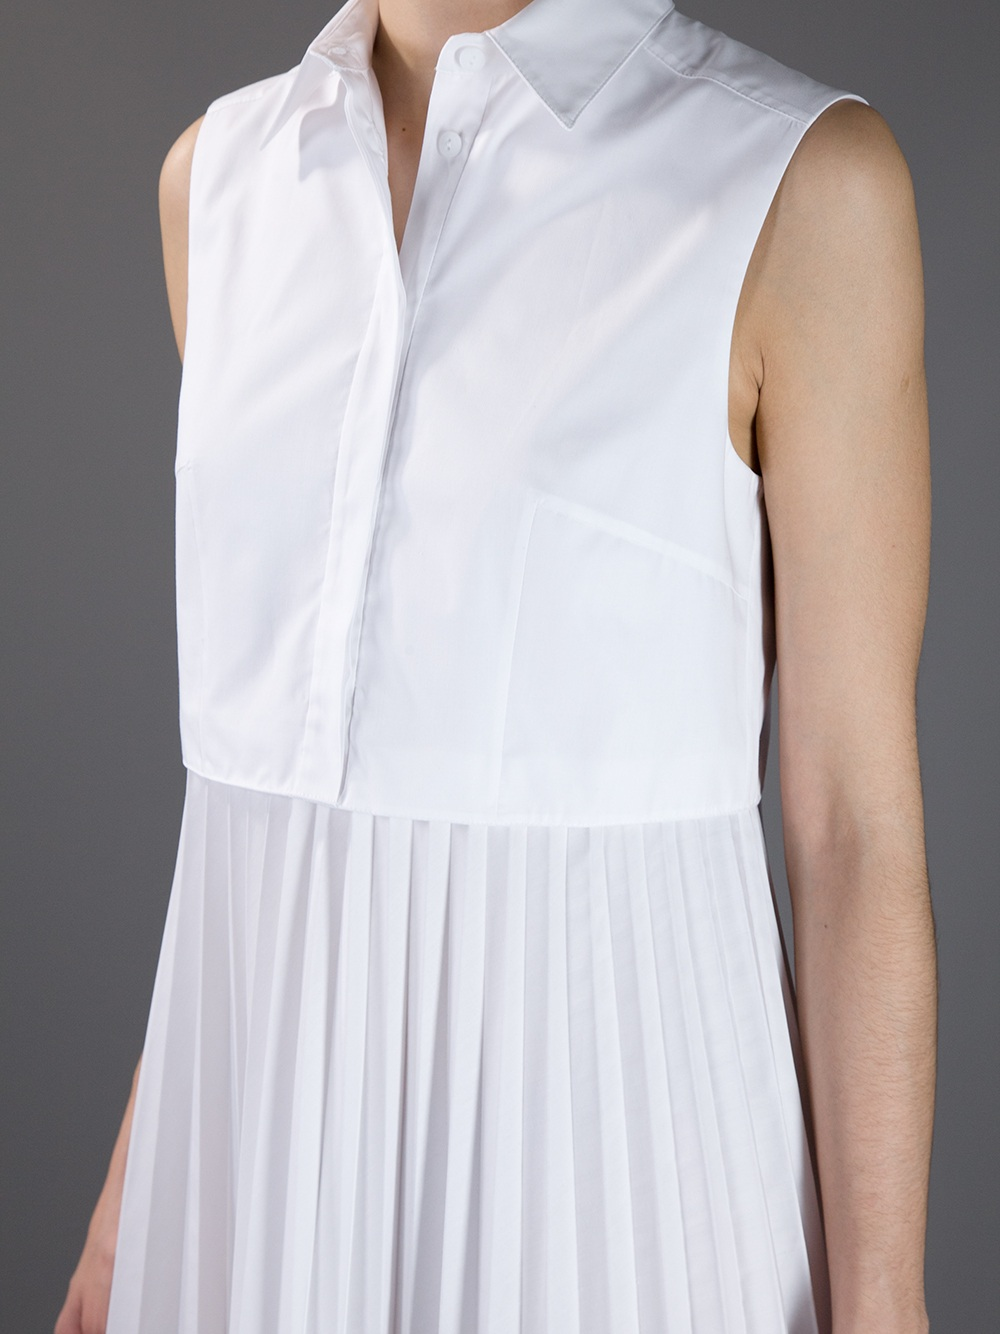 3b67c66e2ef Christopher Kane Pleated Skirt Shirt Dress in White - Lyst